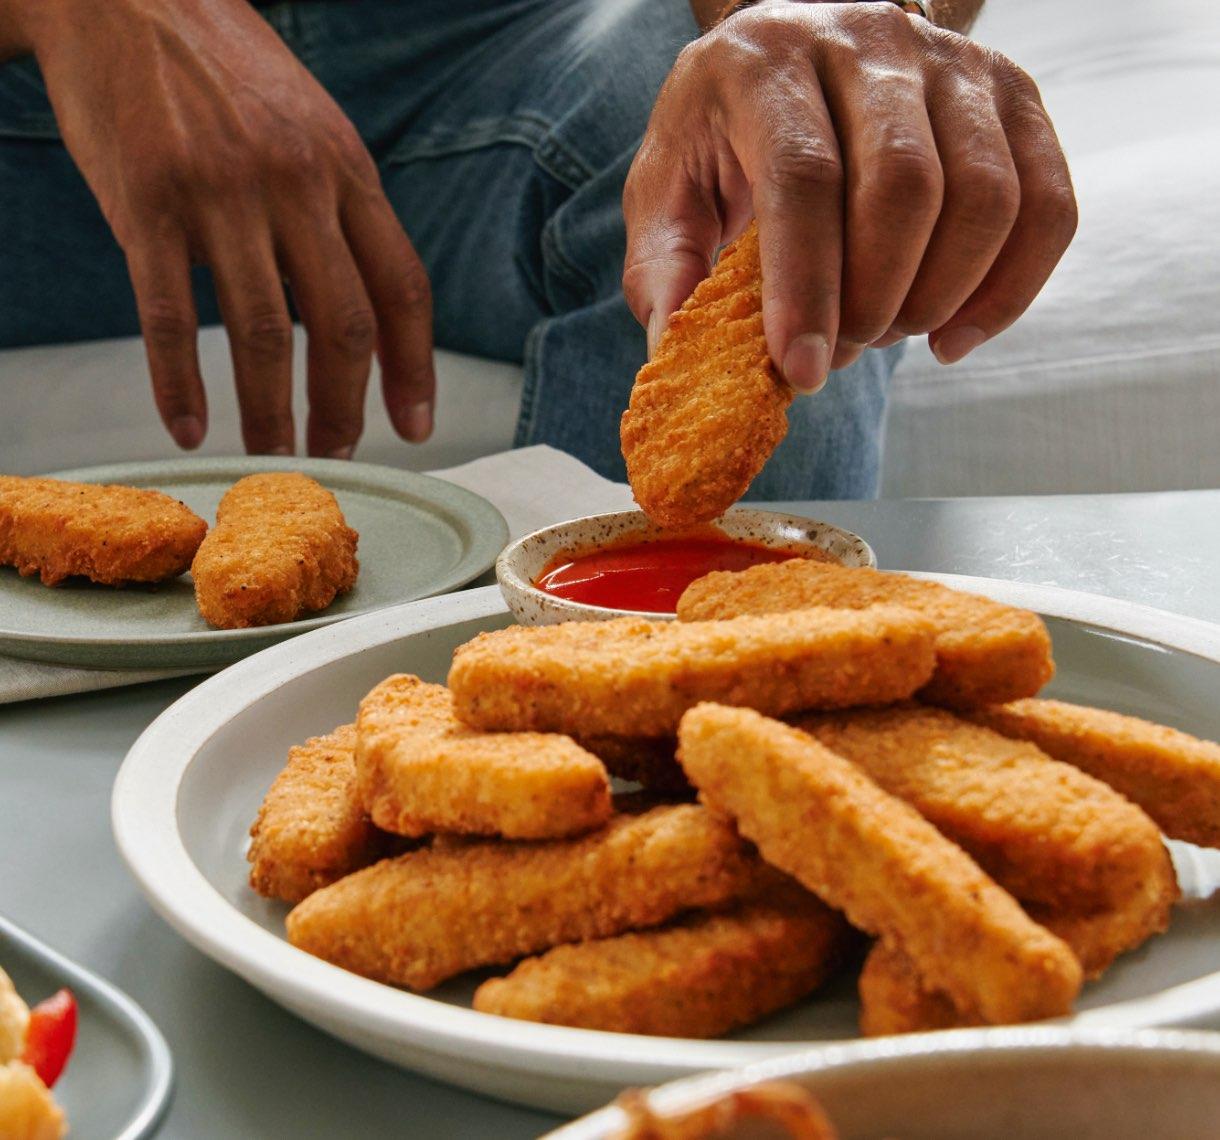 Beyond Chicken Tenders being dipped in ketchup